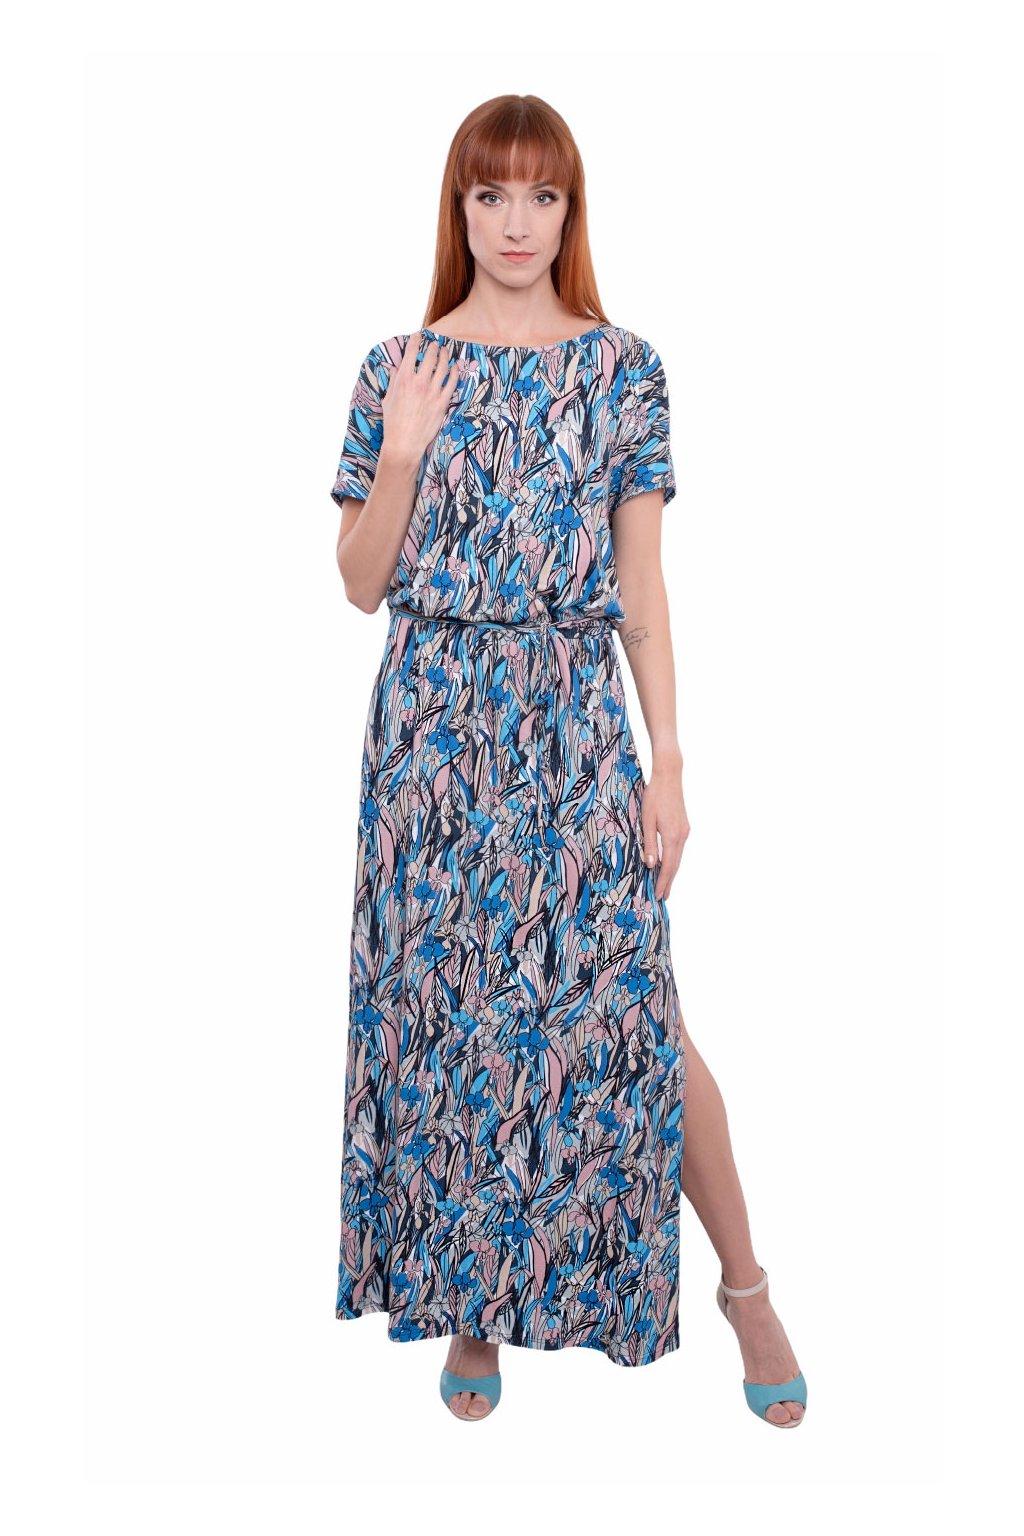 Dámské šaty s krátkým rukávem, 1N501 416, modrá